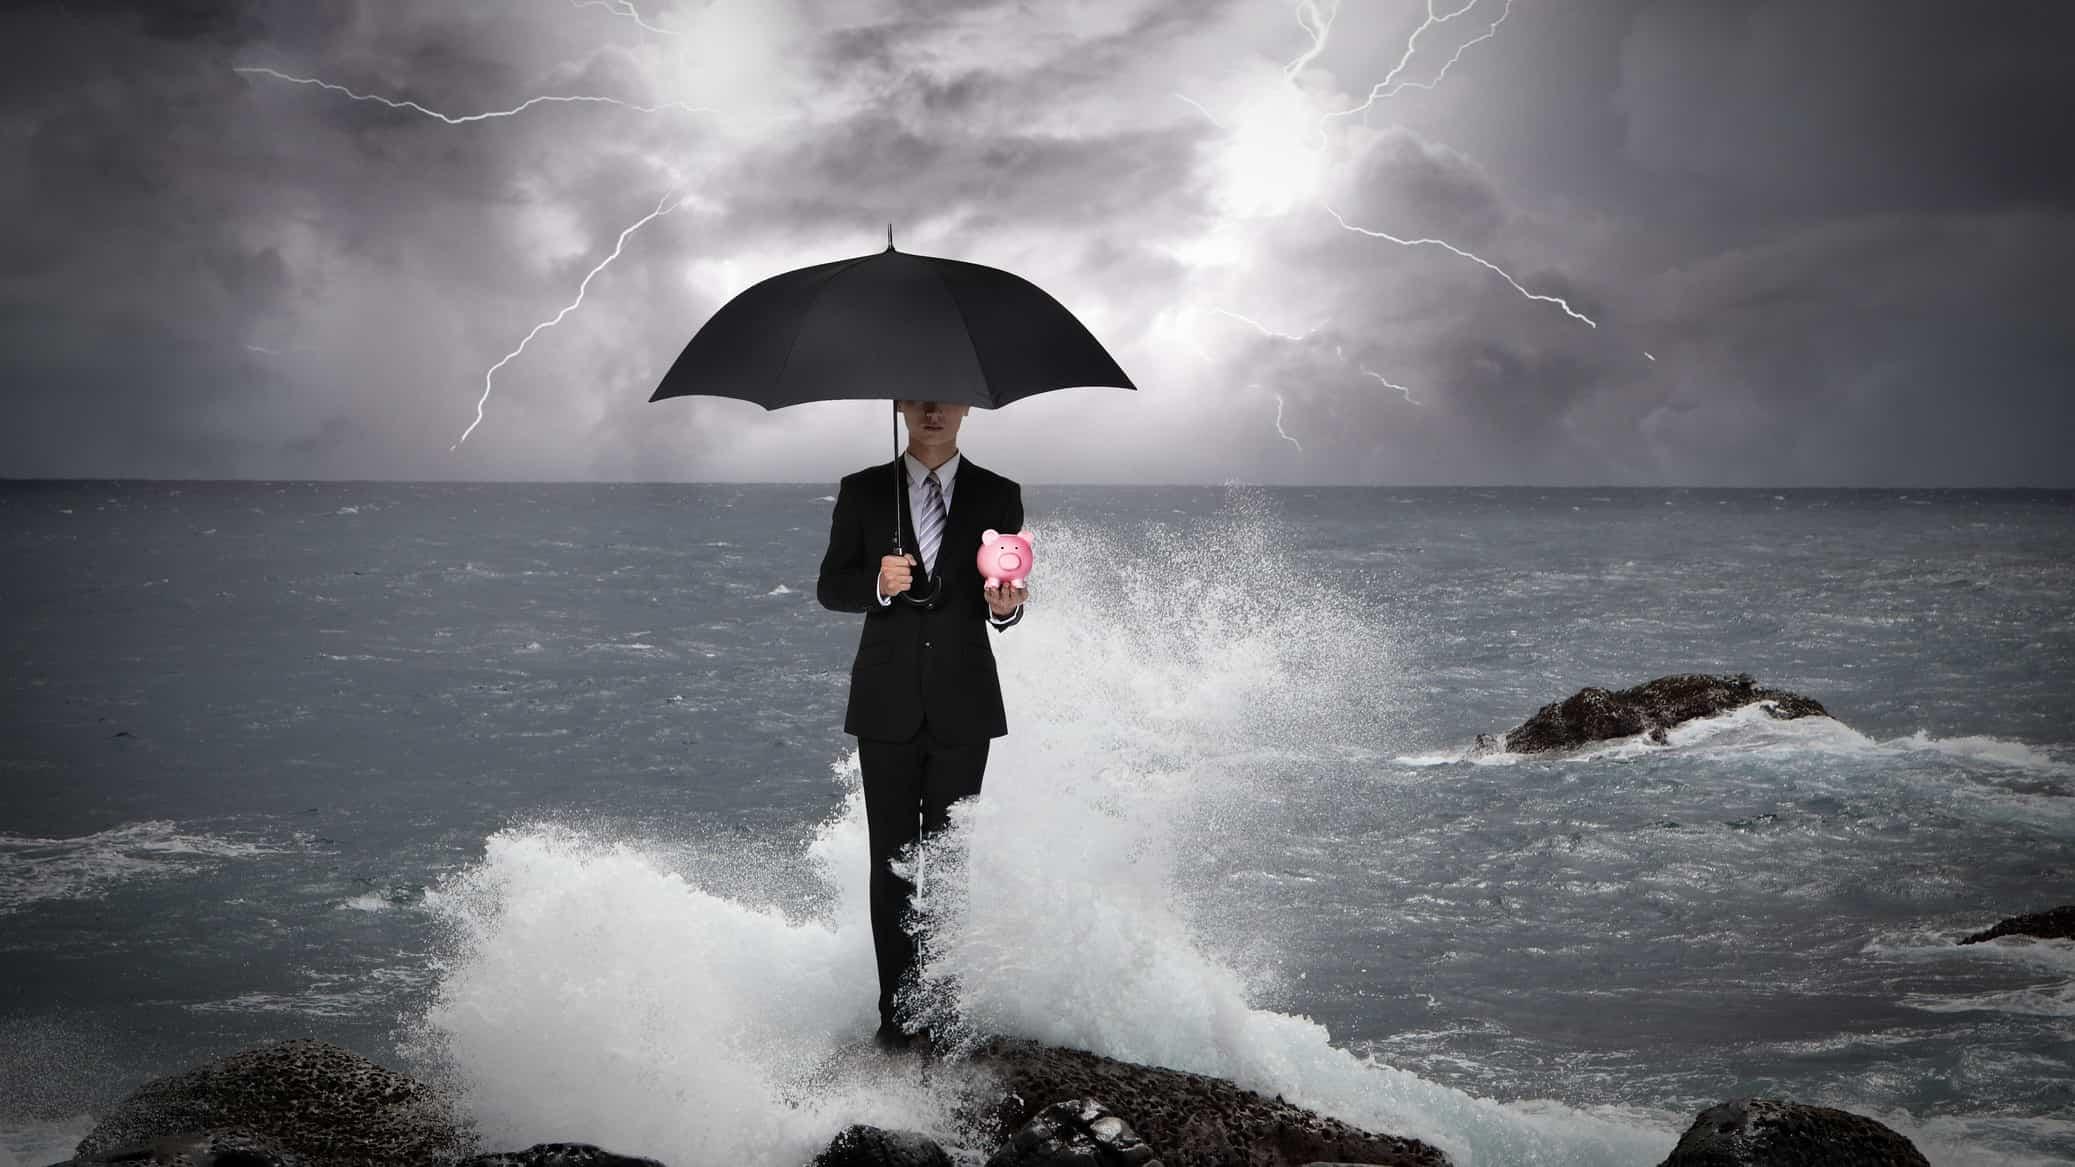 man holding piggy bank under umbrella during a storm